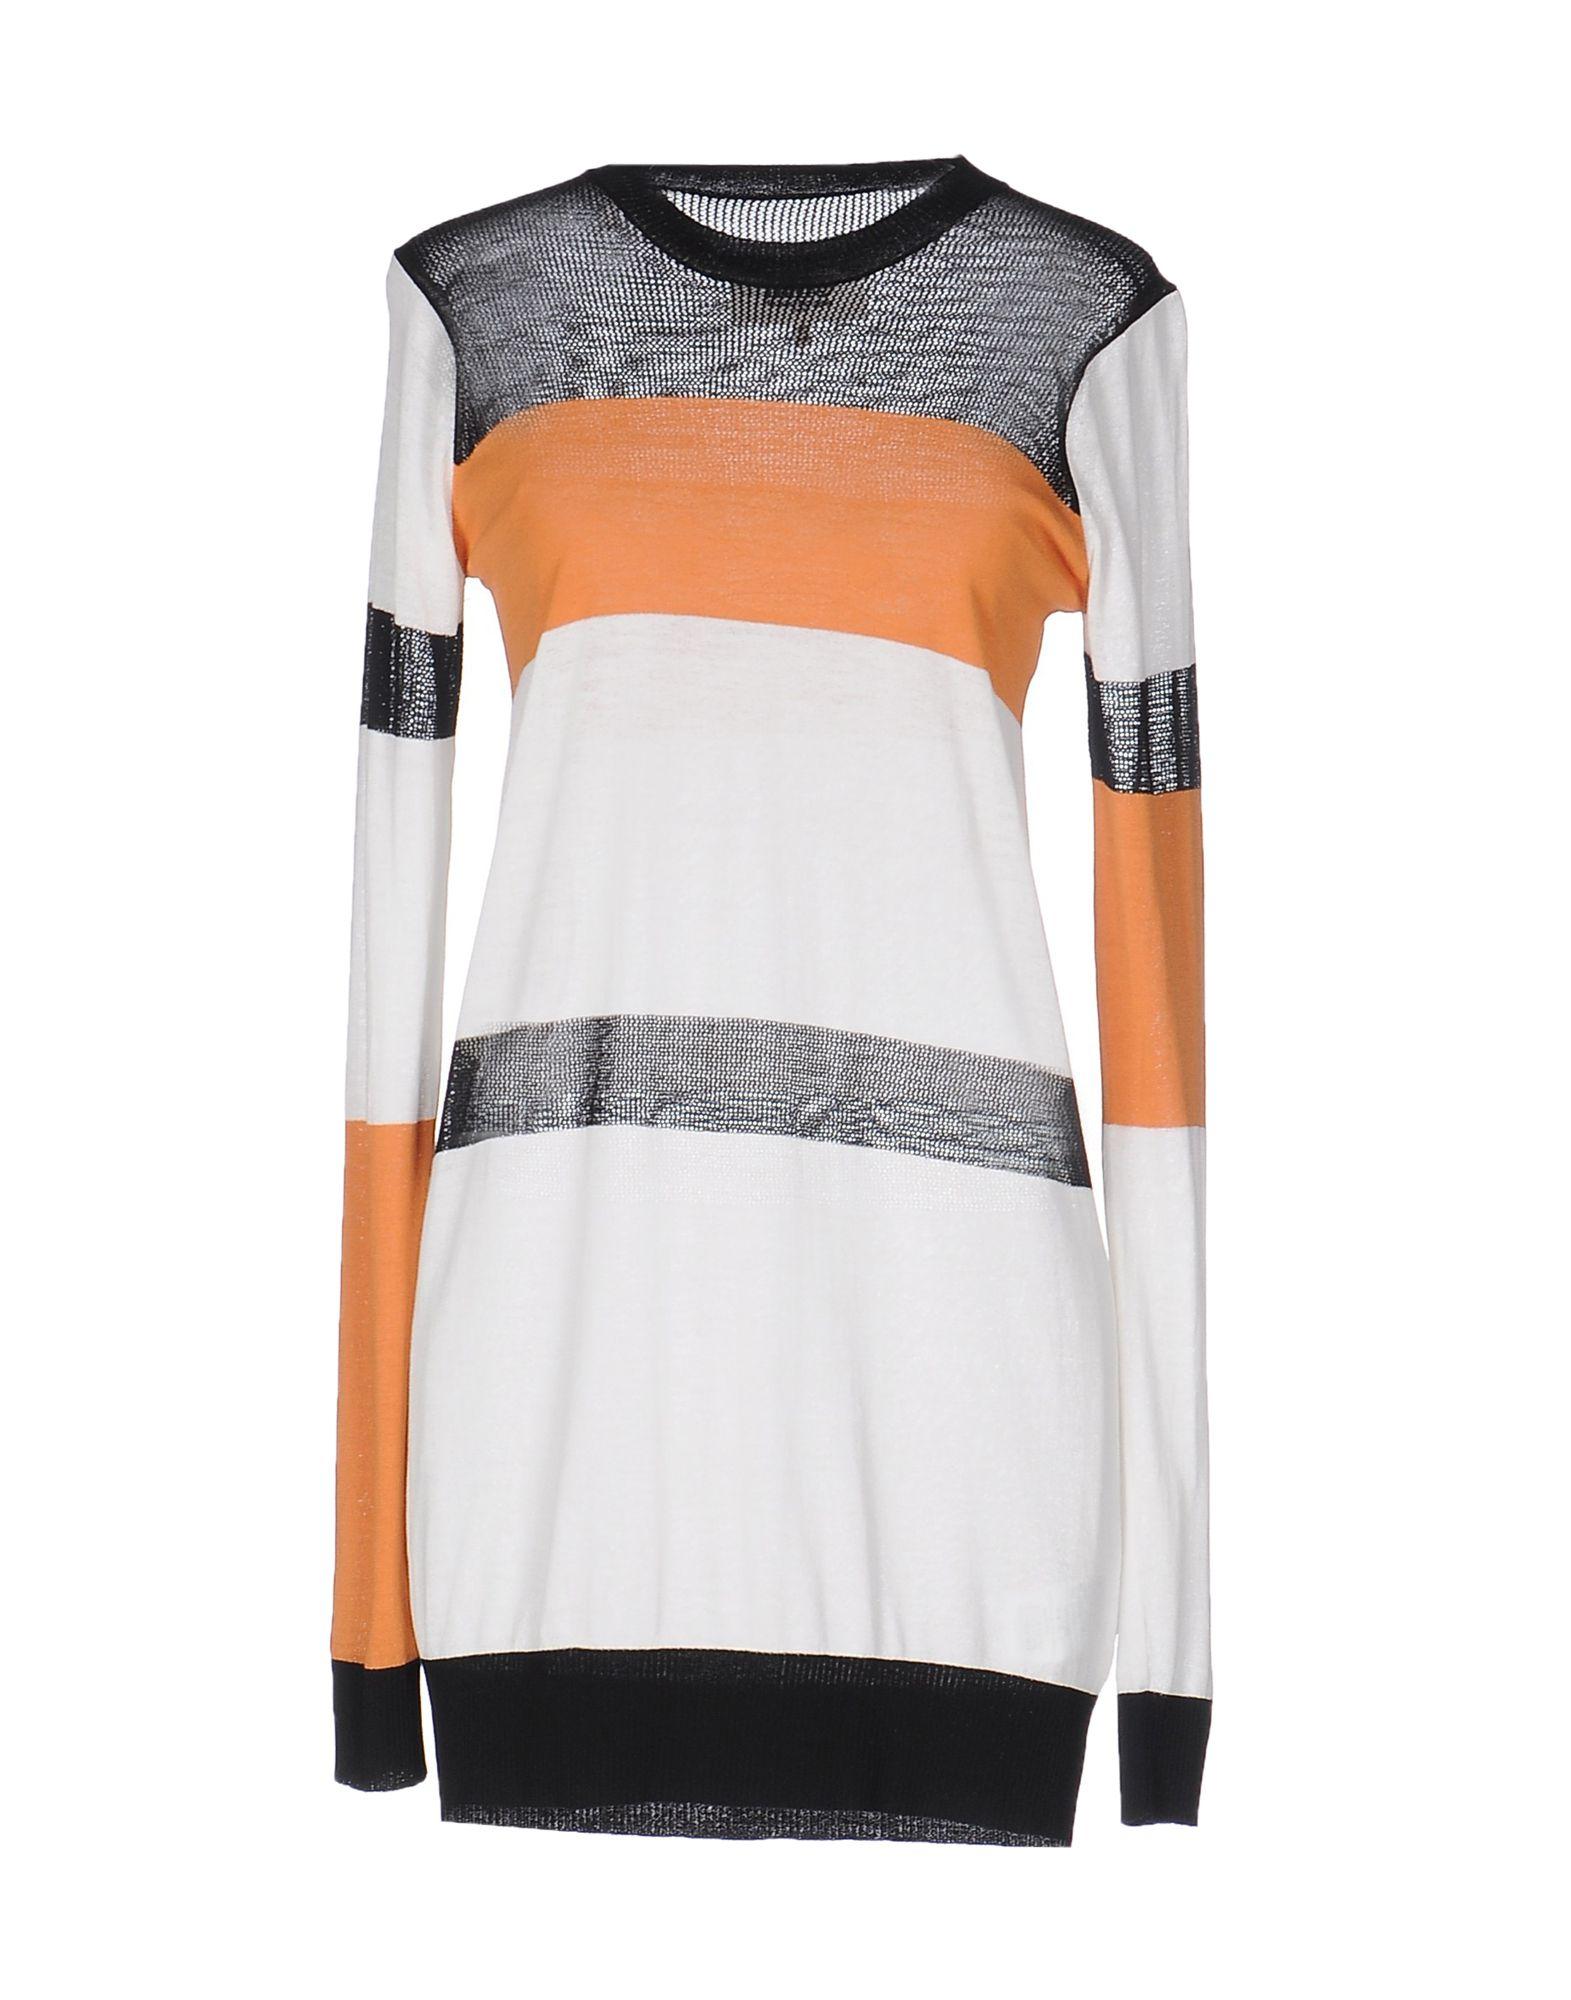 Vestito Corto Mm6 Maison Margiela Donna - Acquista online su 6L4rDOx